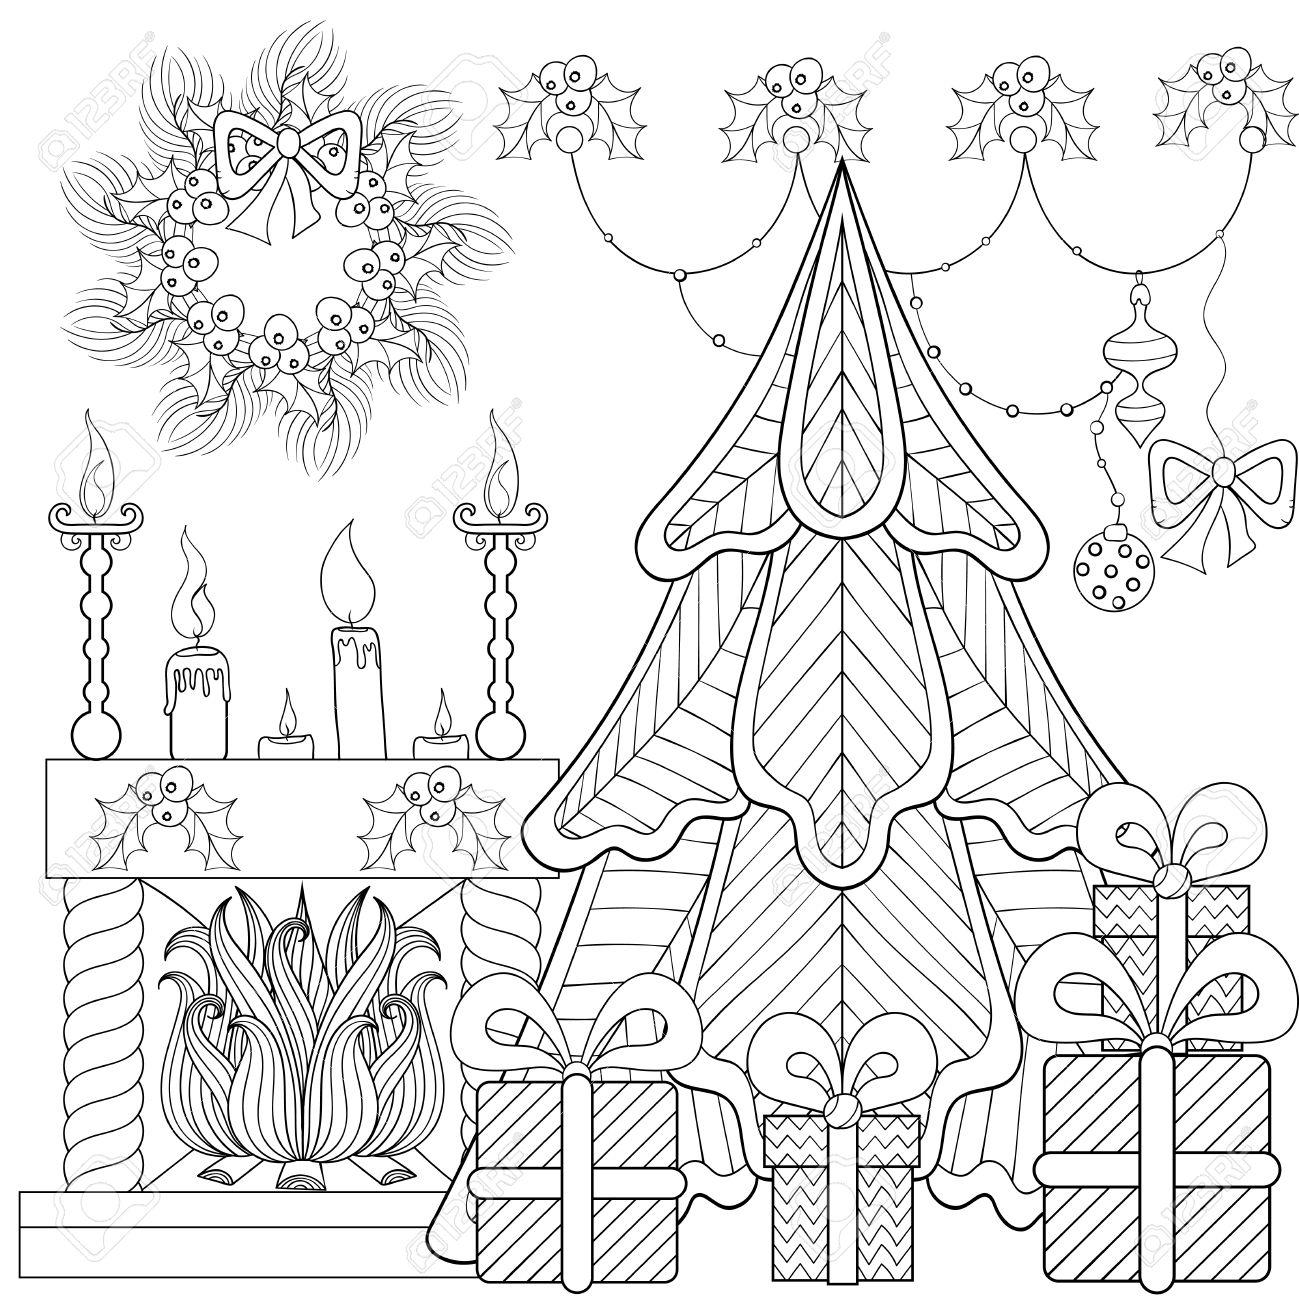 Dibujos Chimeneas De Navidad.Interior Con Dibujos De Navidad En Casa Con Chimenea Arbol De Navidad Regalos Para La Pagina De Adultos Contra El Estres Colorear Libro Terapia De